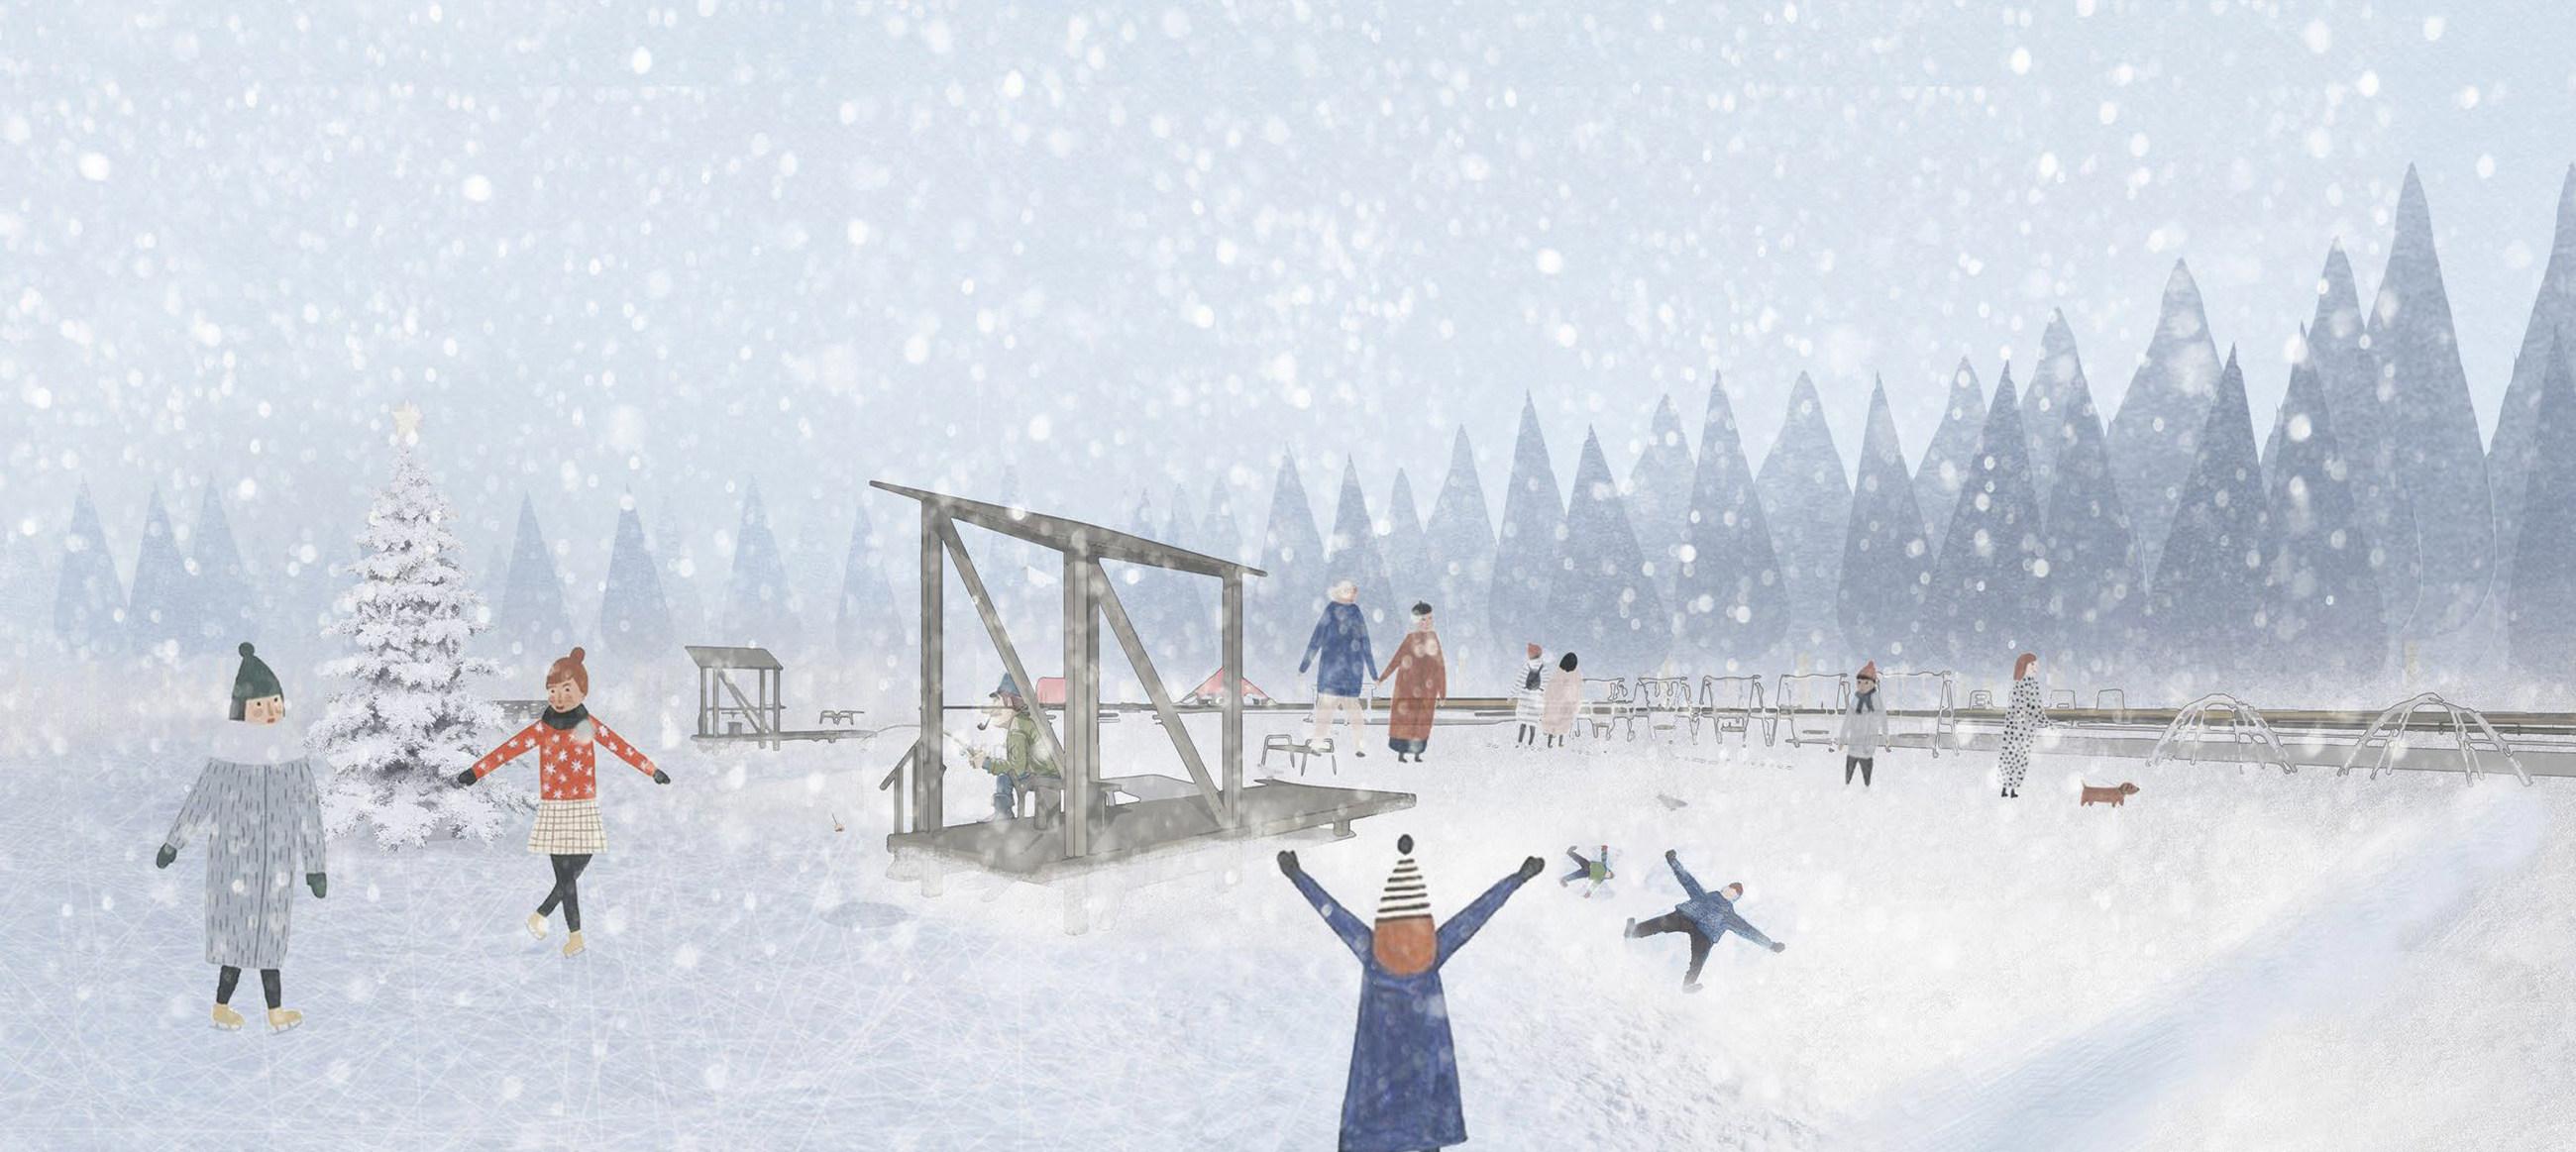 Конкурс благоустройства рекреационной зоны «ЛЕСНАЯ» в ЗАТО Заречный. Архитектурное бюро «МЕГАБУДКА» (Москва)